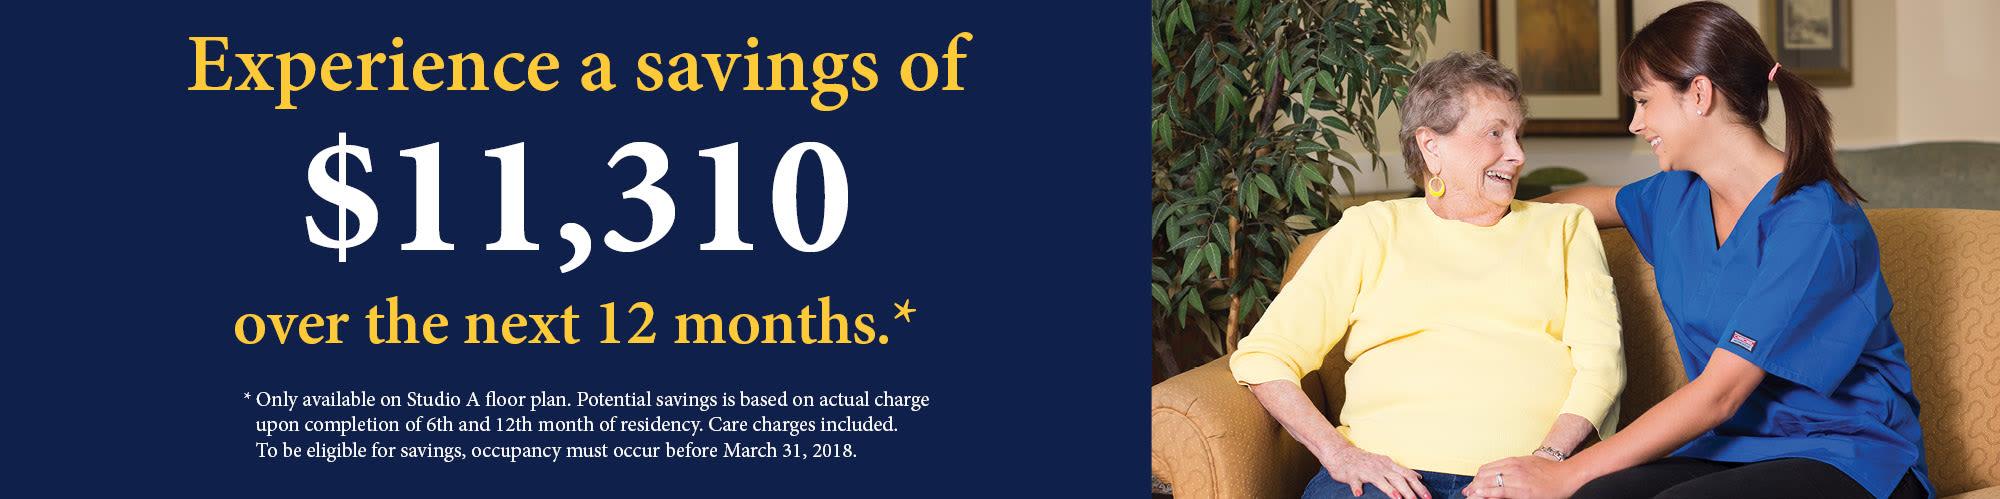 Savings of $11,310